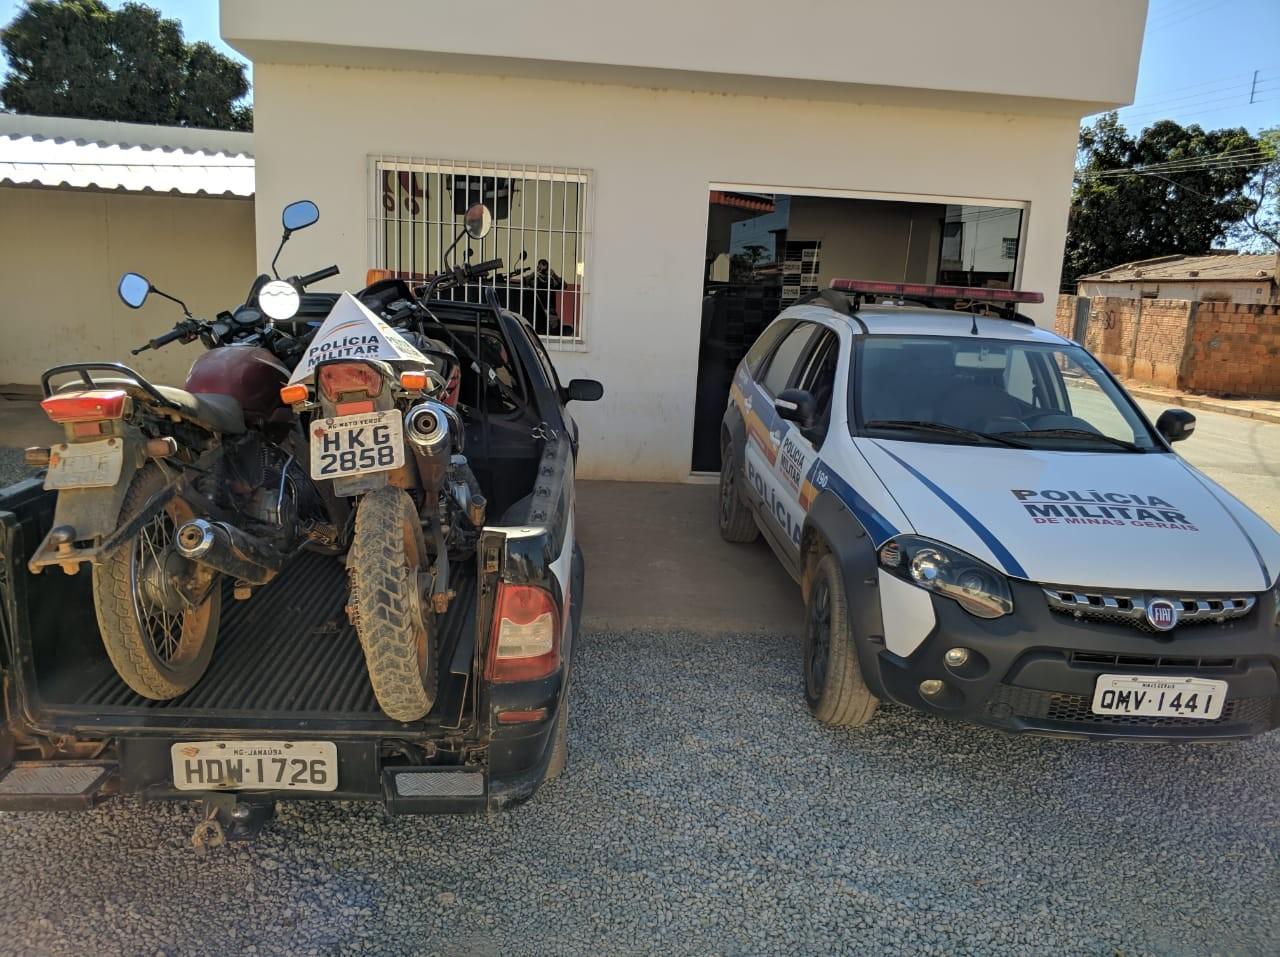 Rapaz rouba moto, é perseguido pela PM e acaba preso em Janaúba - Notícias - Plantão Diário